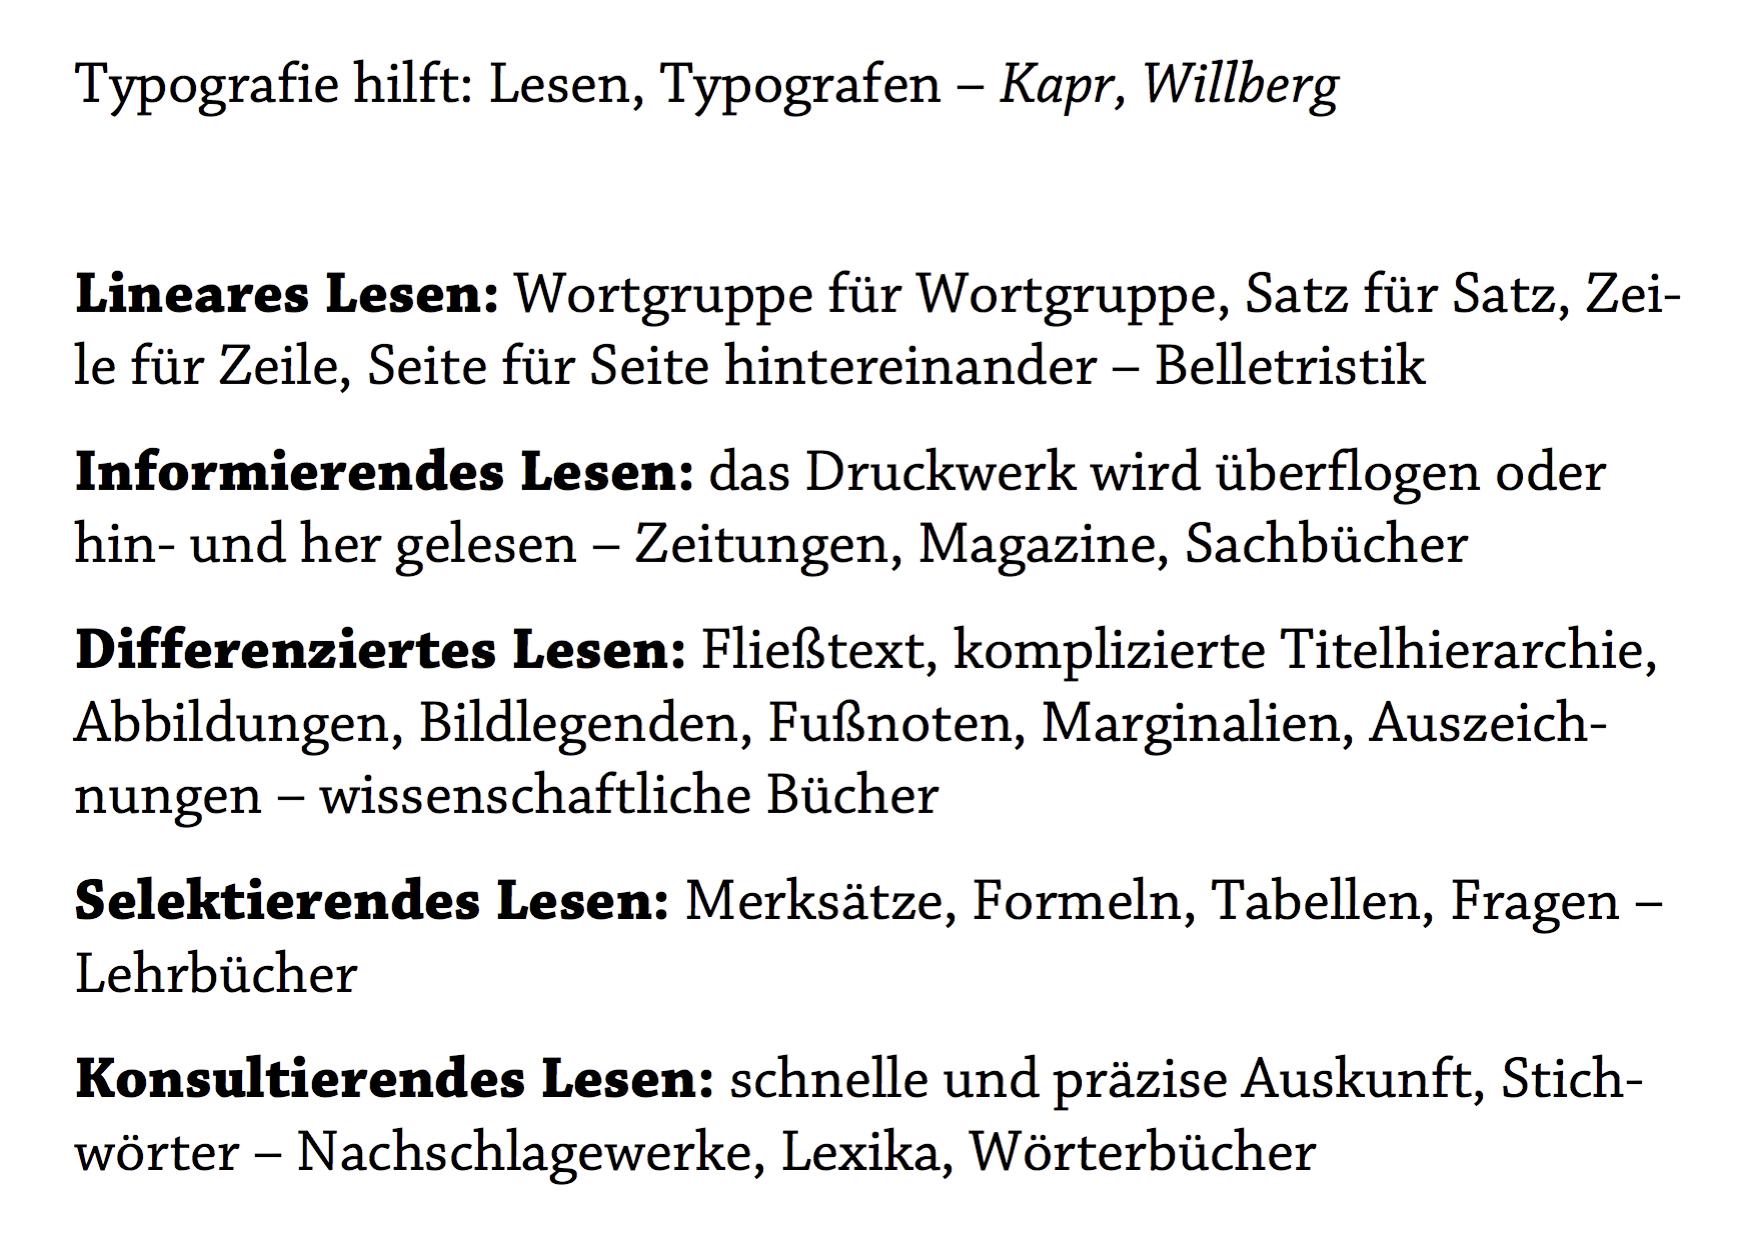 Typografie hilft (Vortrag), Frau Borinski und die Typografie